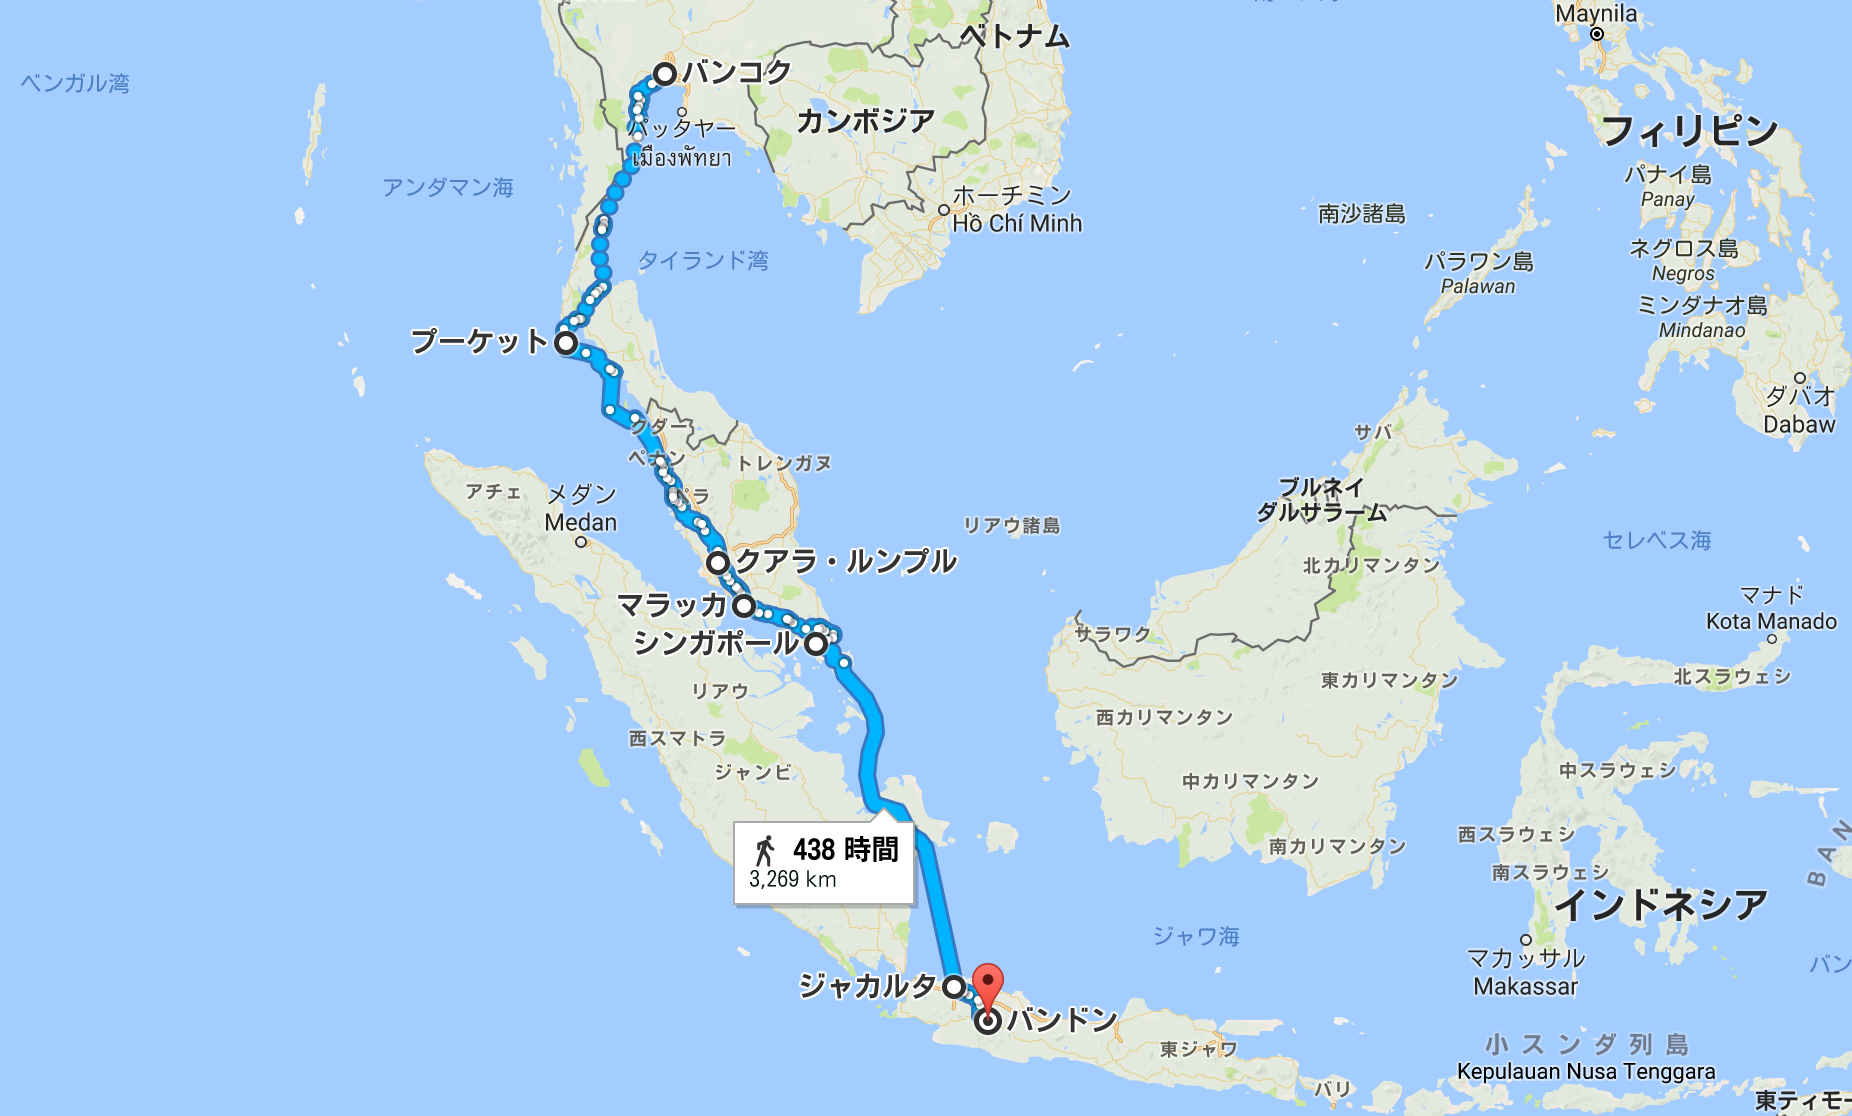 東南アジア1ヶ月のバックパッカー旅でかかった全ての費用は20万円その内訳は?